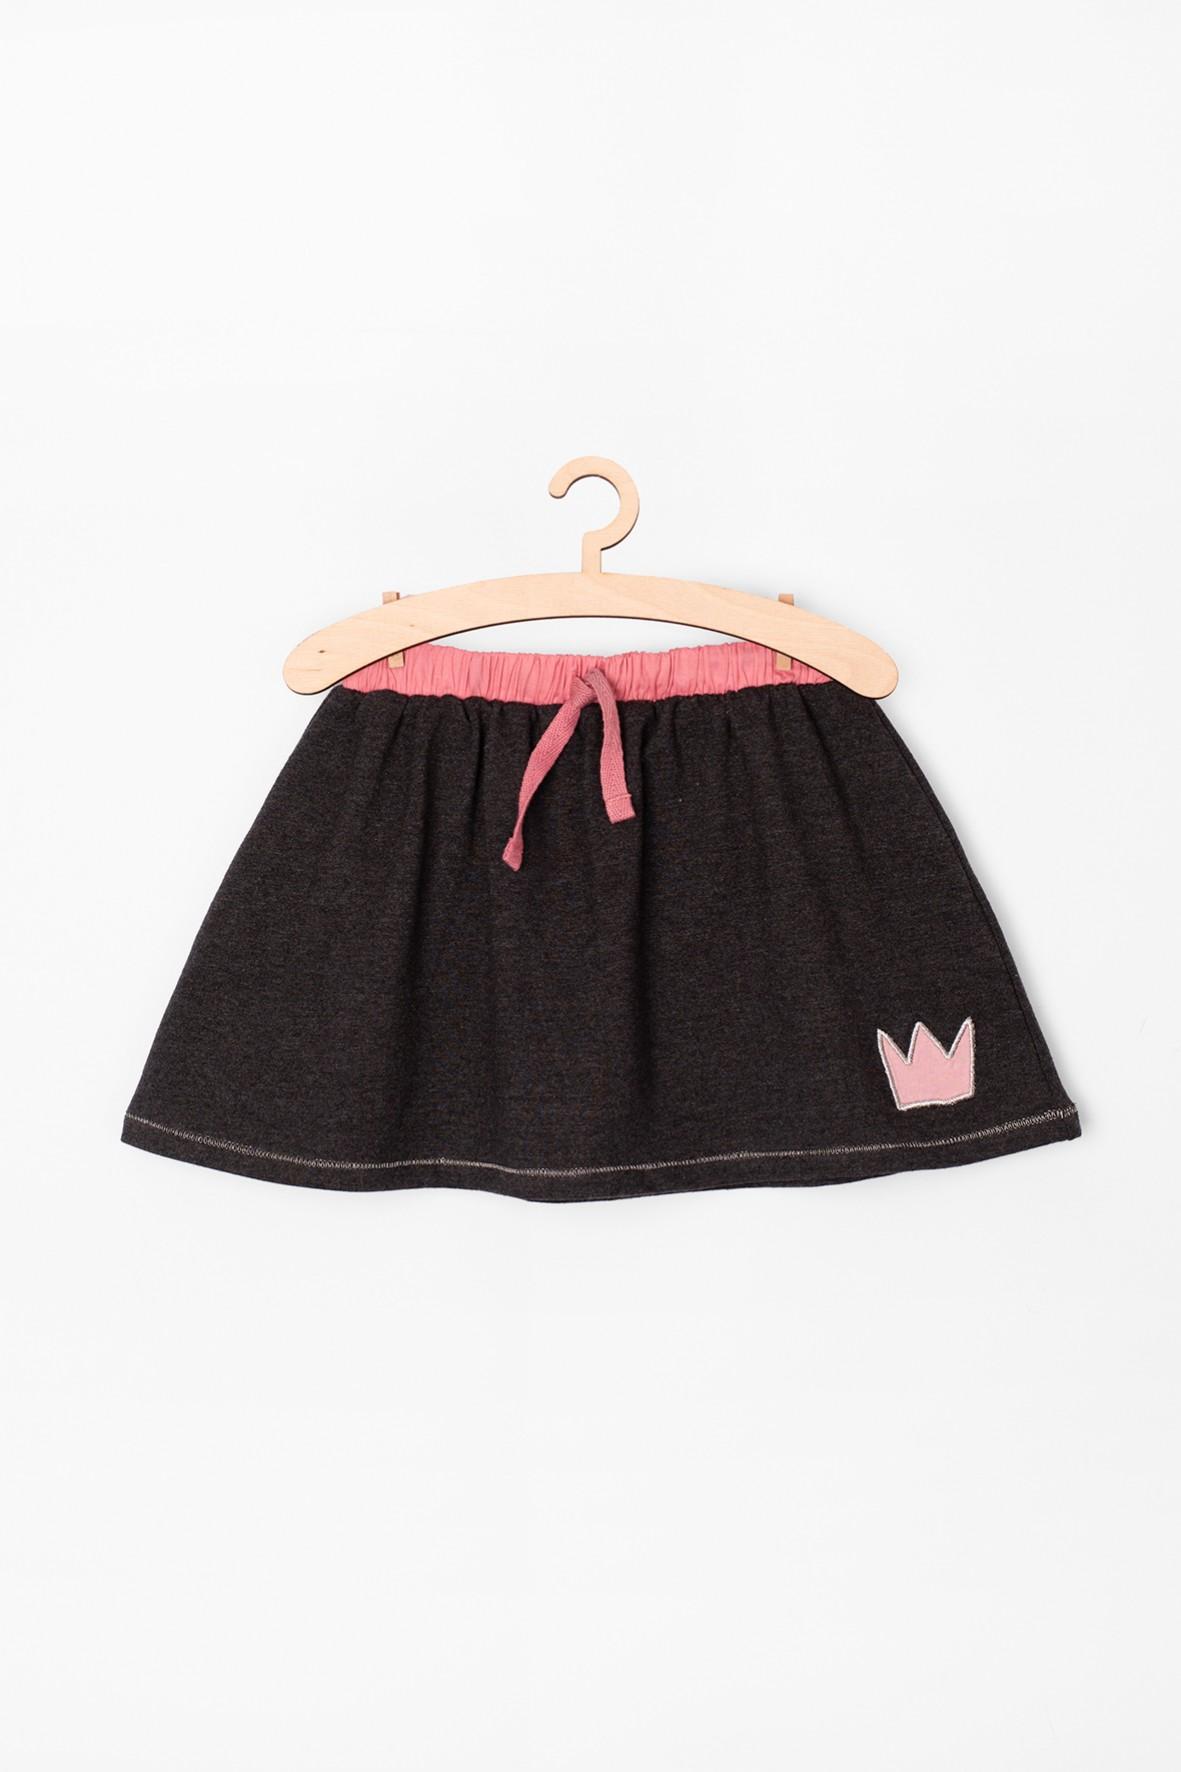 Spódnica dla niemowlaka- szara z różowymi elementami